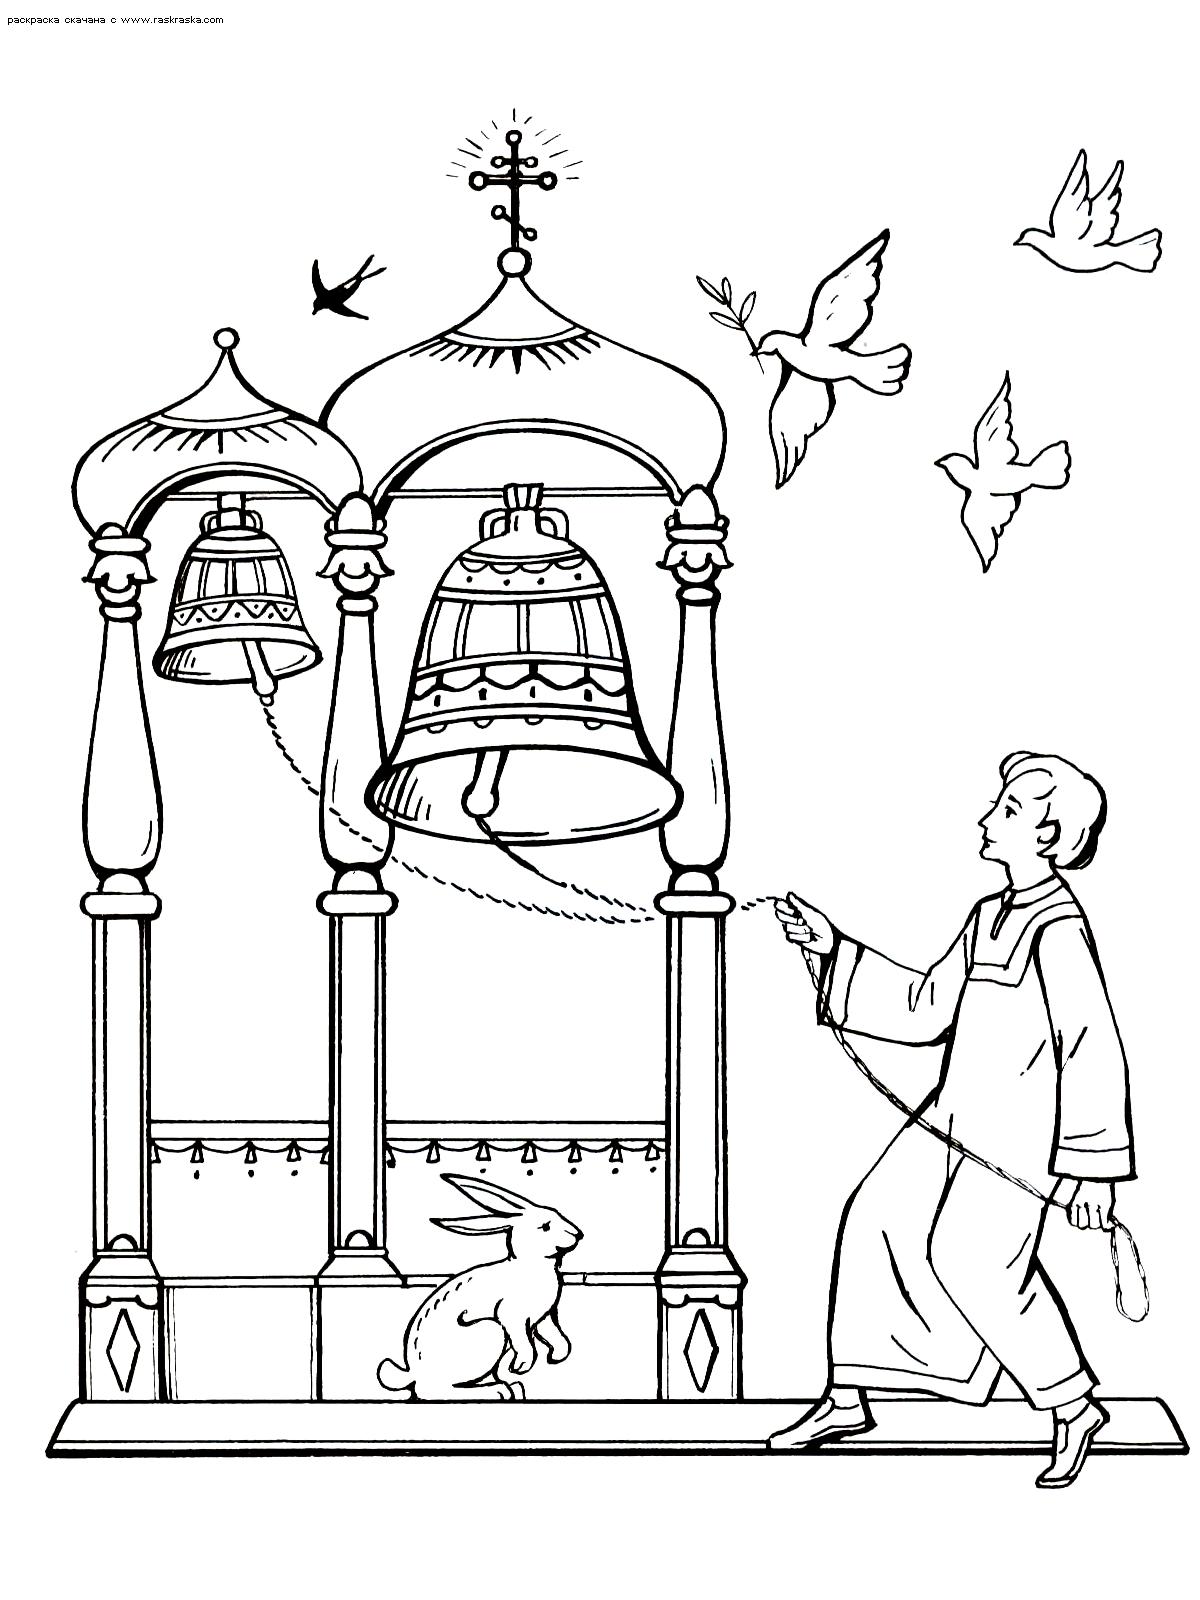 Раскраска Колокольный звон. Раскраска праздник, пасха, благовест